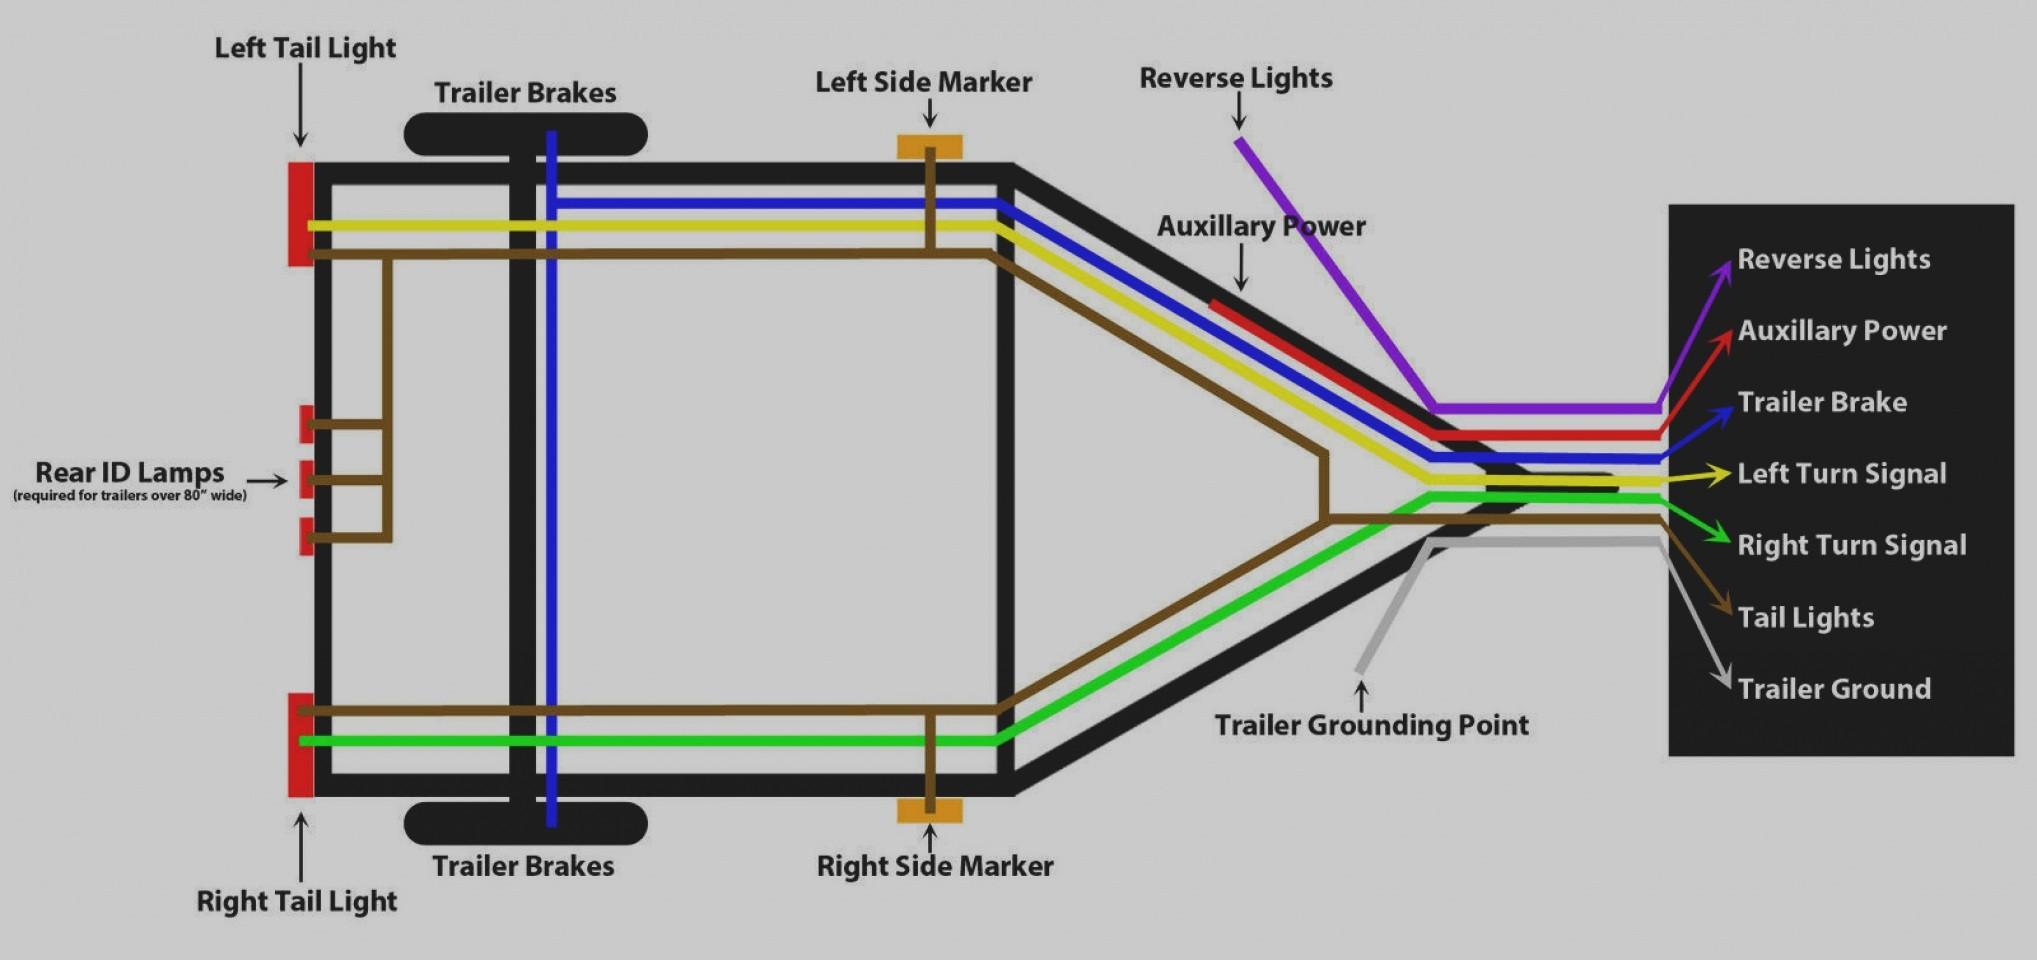 Mx 1728 Led Trailer Lights Wiring Diagram Nz Schematic Wiring